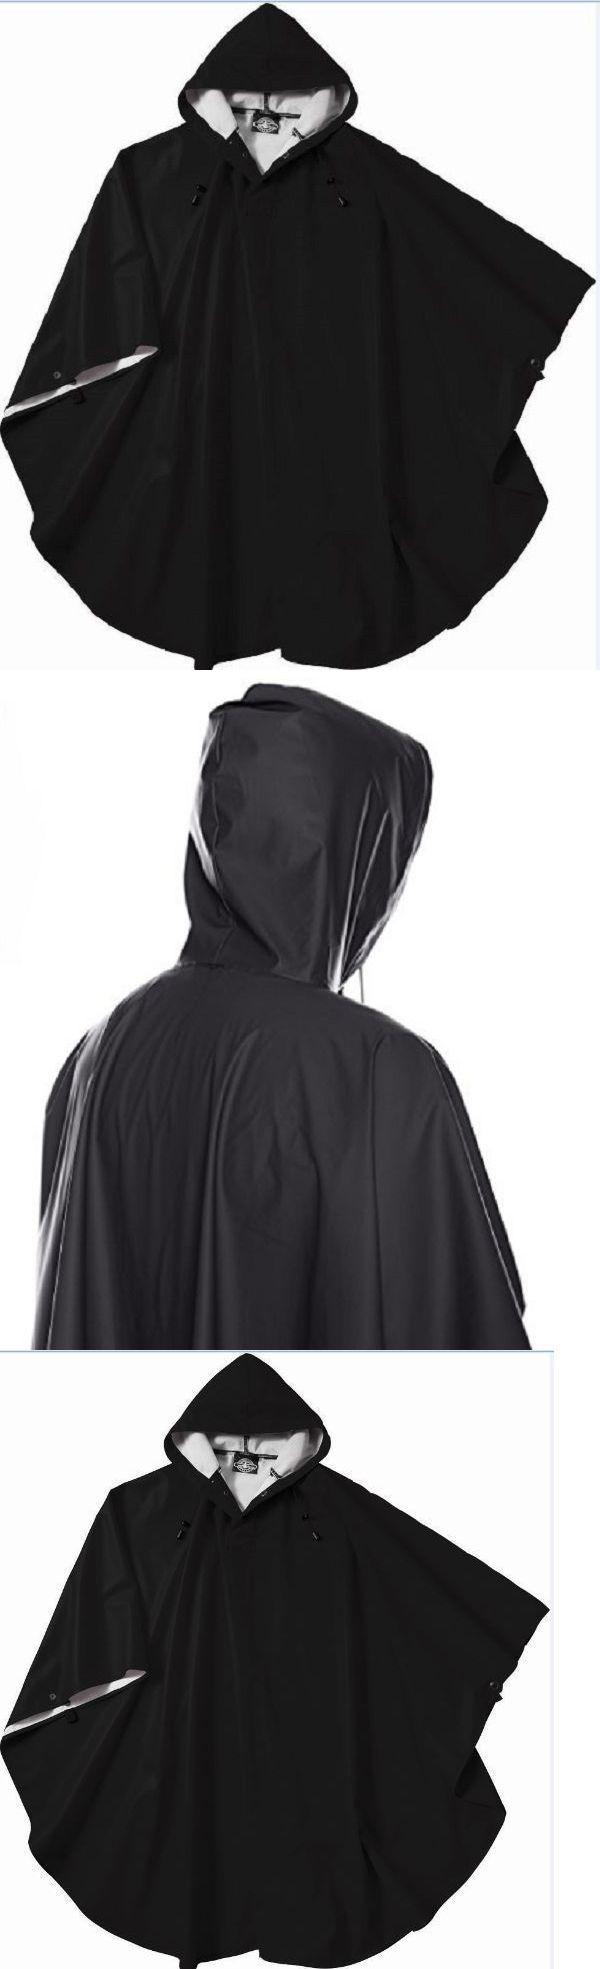 Outerwear 155195: Rain Poncho Coat For Men Women Black Hooded Waterproof Wind Waterproof One Size -> BUY IT NOW ONLY: $37.77 on eBay!